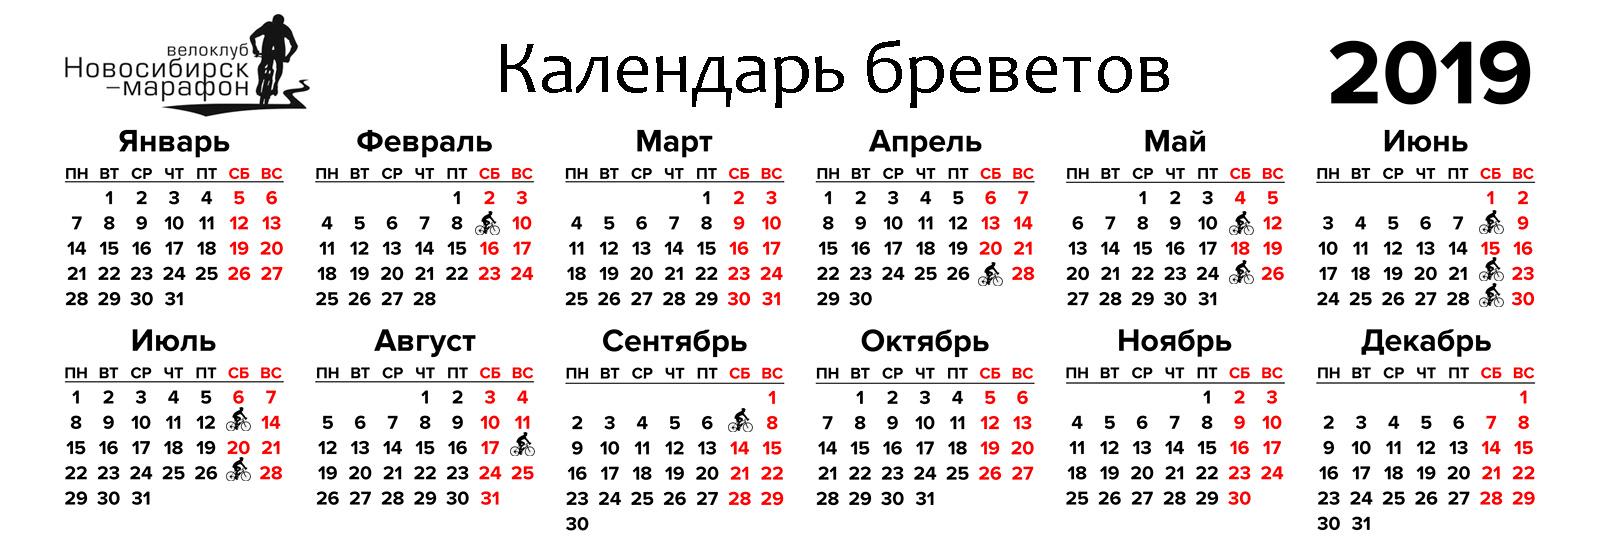 Календарь2019